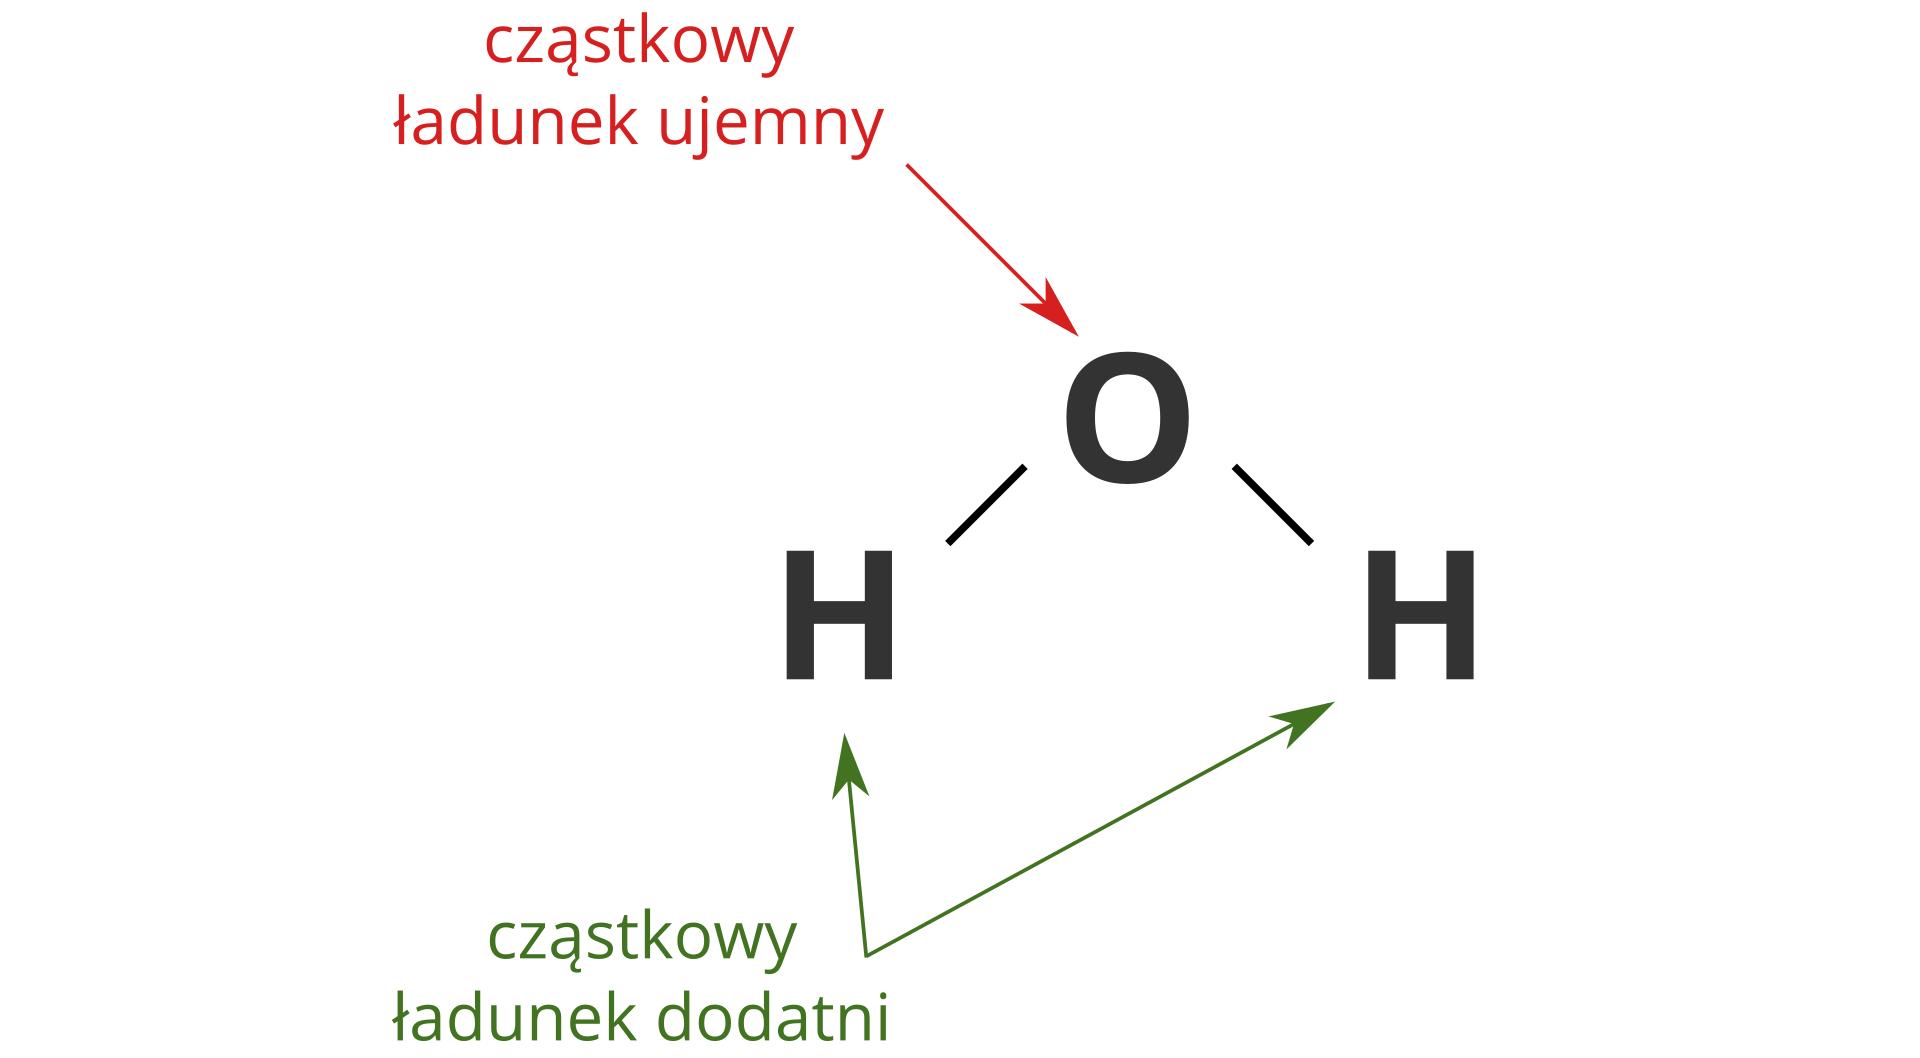 Ilustracja przedstawia zapisaną strukturalnie cząsteczkę wody. Symbol atomu tlenu pośrodku planszy, symbole atomów wodoru po bokach poniżej, pojedyncze kreski symbolizujące wiązania. Ugóry planszy czerwony napis Cząstkowy ładunek ujemny iczerwona strzałka prowadząca do symbolu tlenu. Udołu planszy zielony napis Cząstkowy ładunek dodatni izielone strzałki prowadzące do symboli wodoru.